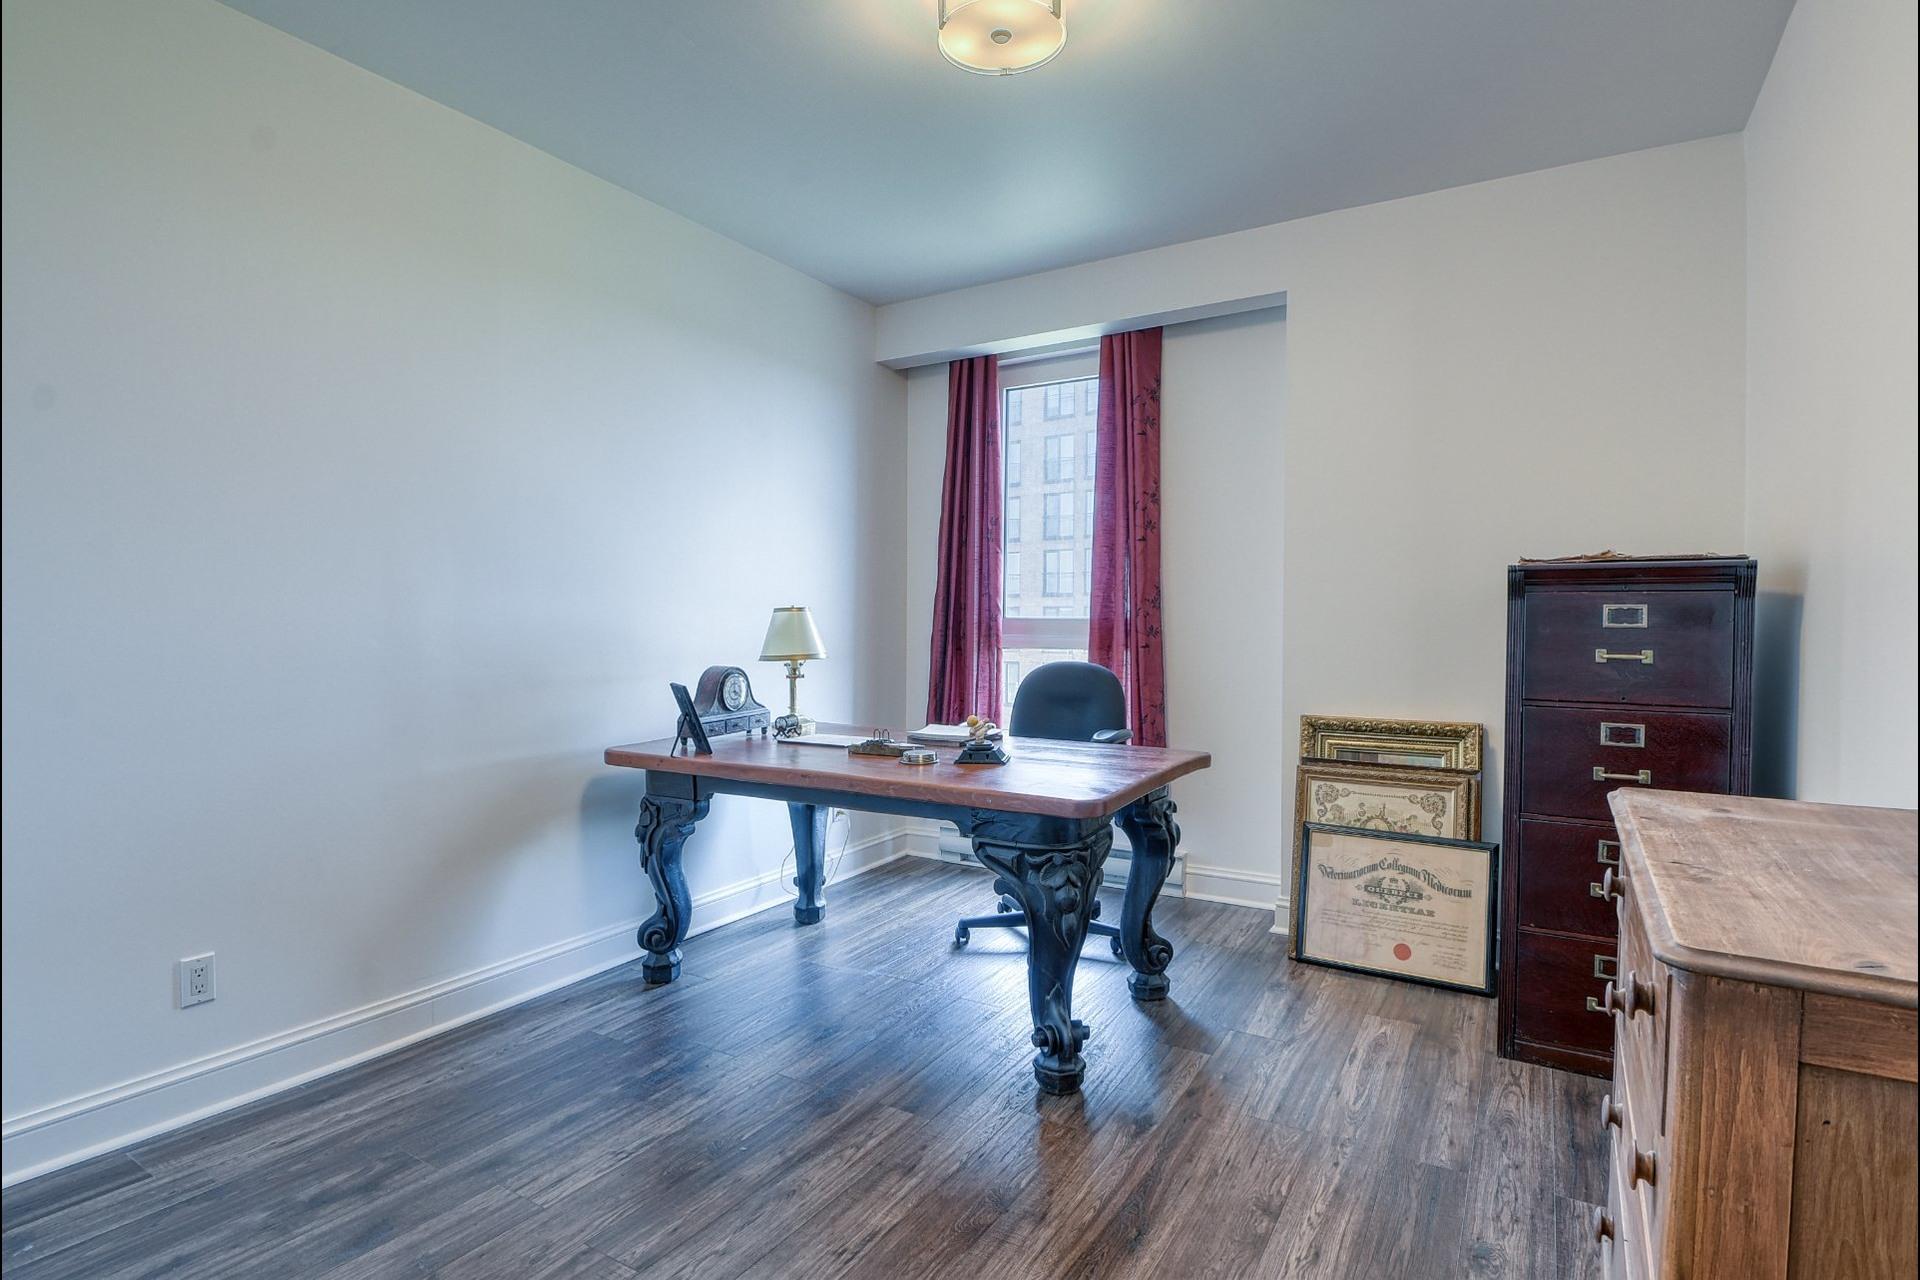 image 18 - Appartement À vendre Verdun/Île-des-Soeurs Montréal  - 6 pièces